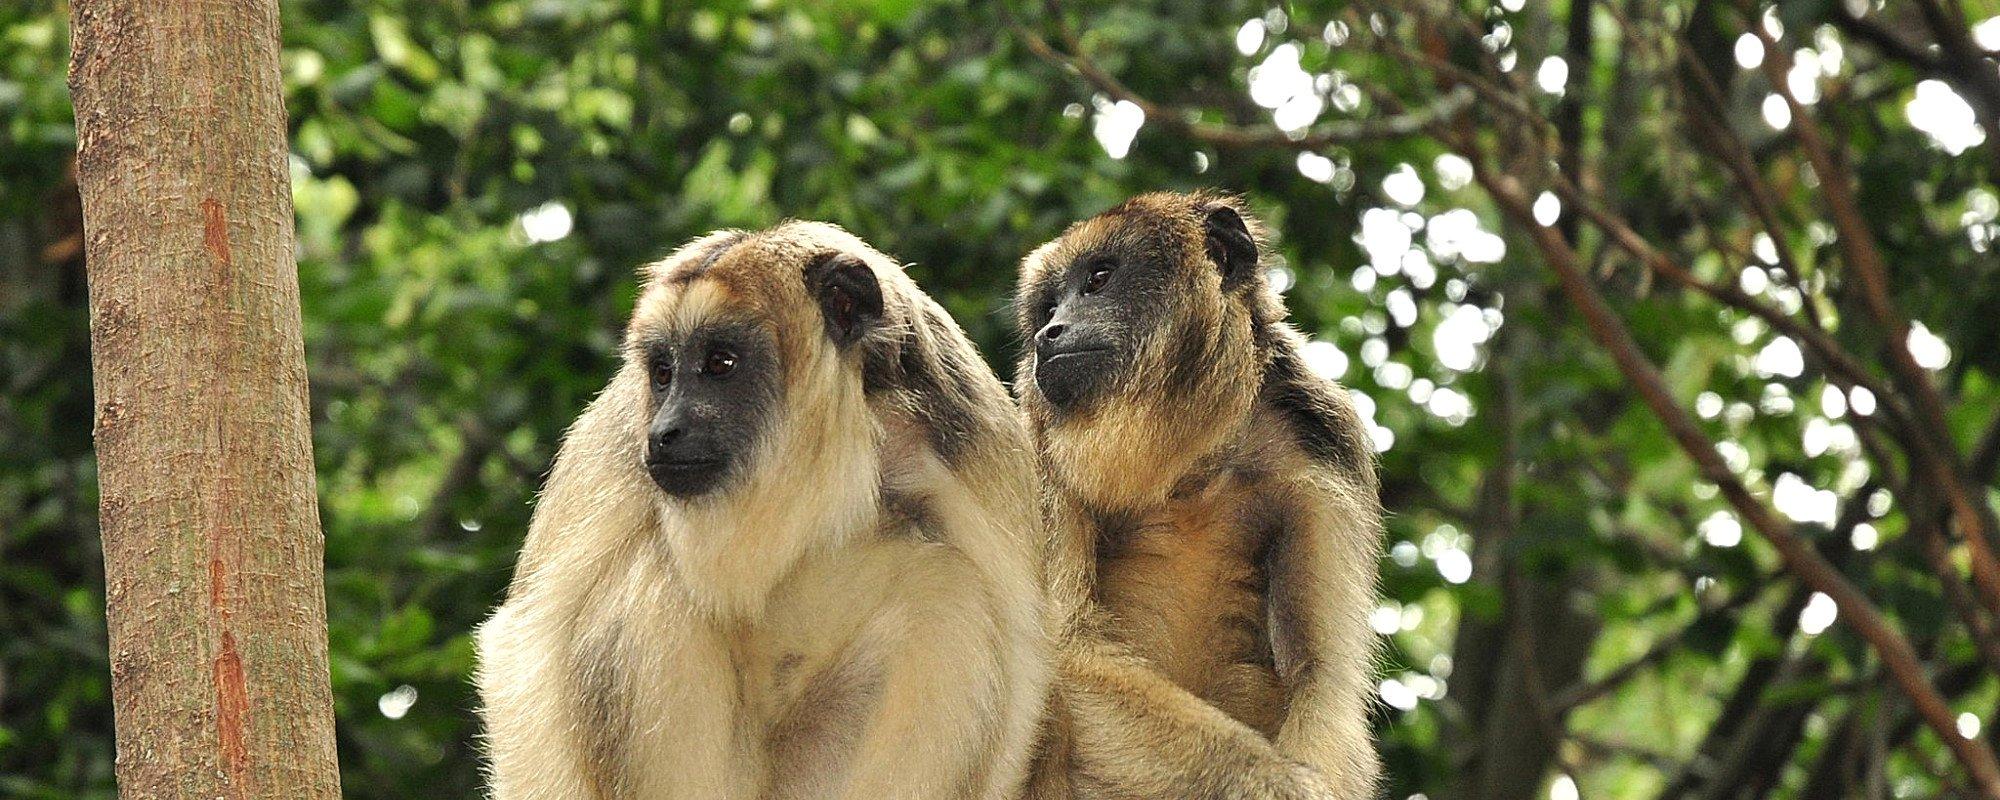 Monkeys rescued in South America